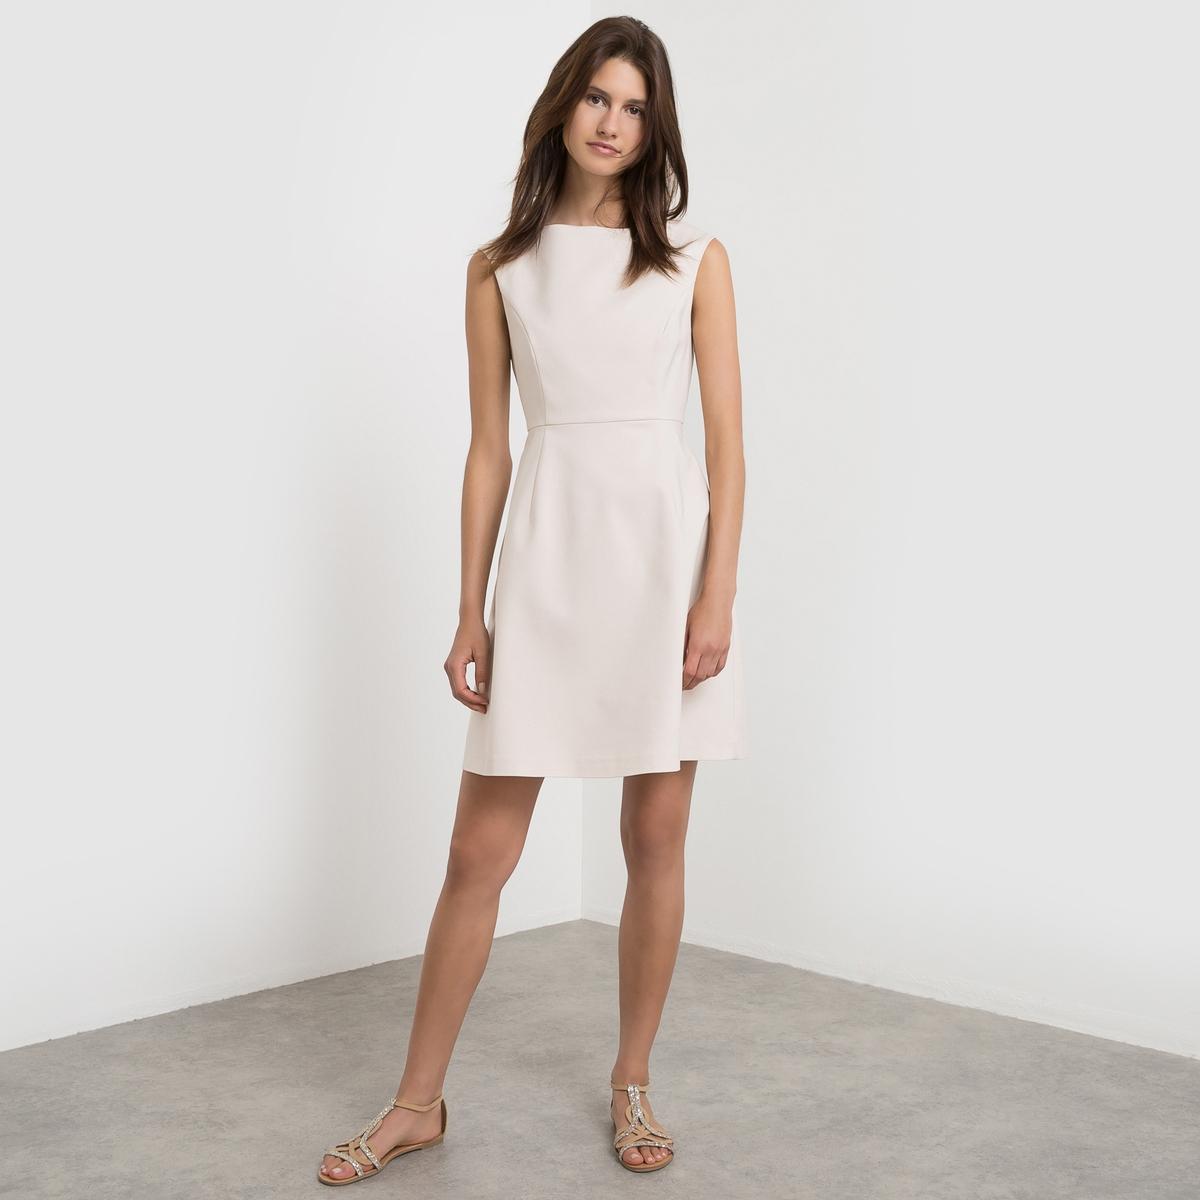 Платье без рукавов VIATLAS DRESSСостав и описание     Материал    50% хлопка, 46% полиамида, 4% эластана      Марка: VILA<br><br>Цвет: розово-бежевый<br>Размер: S